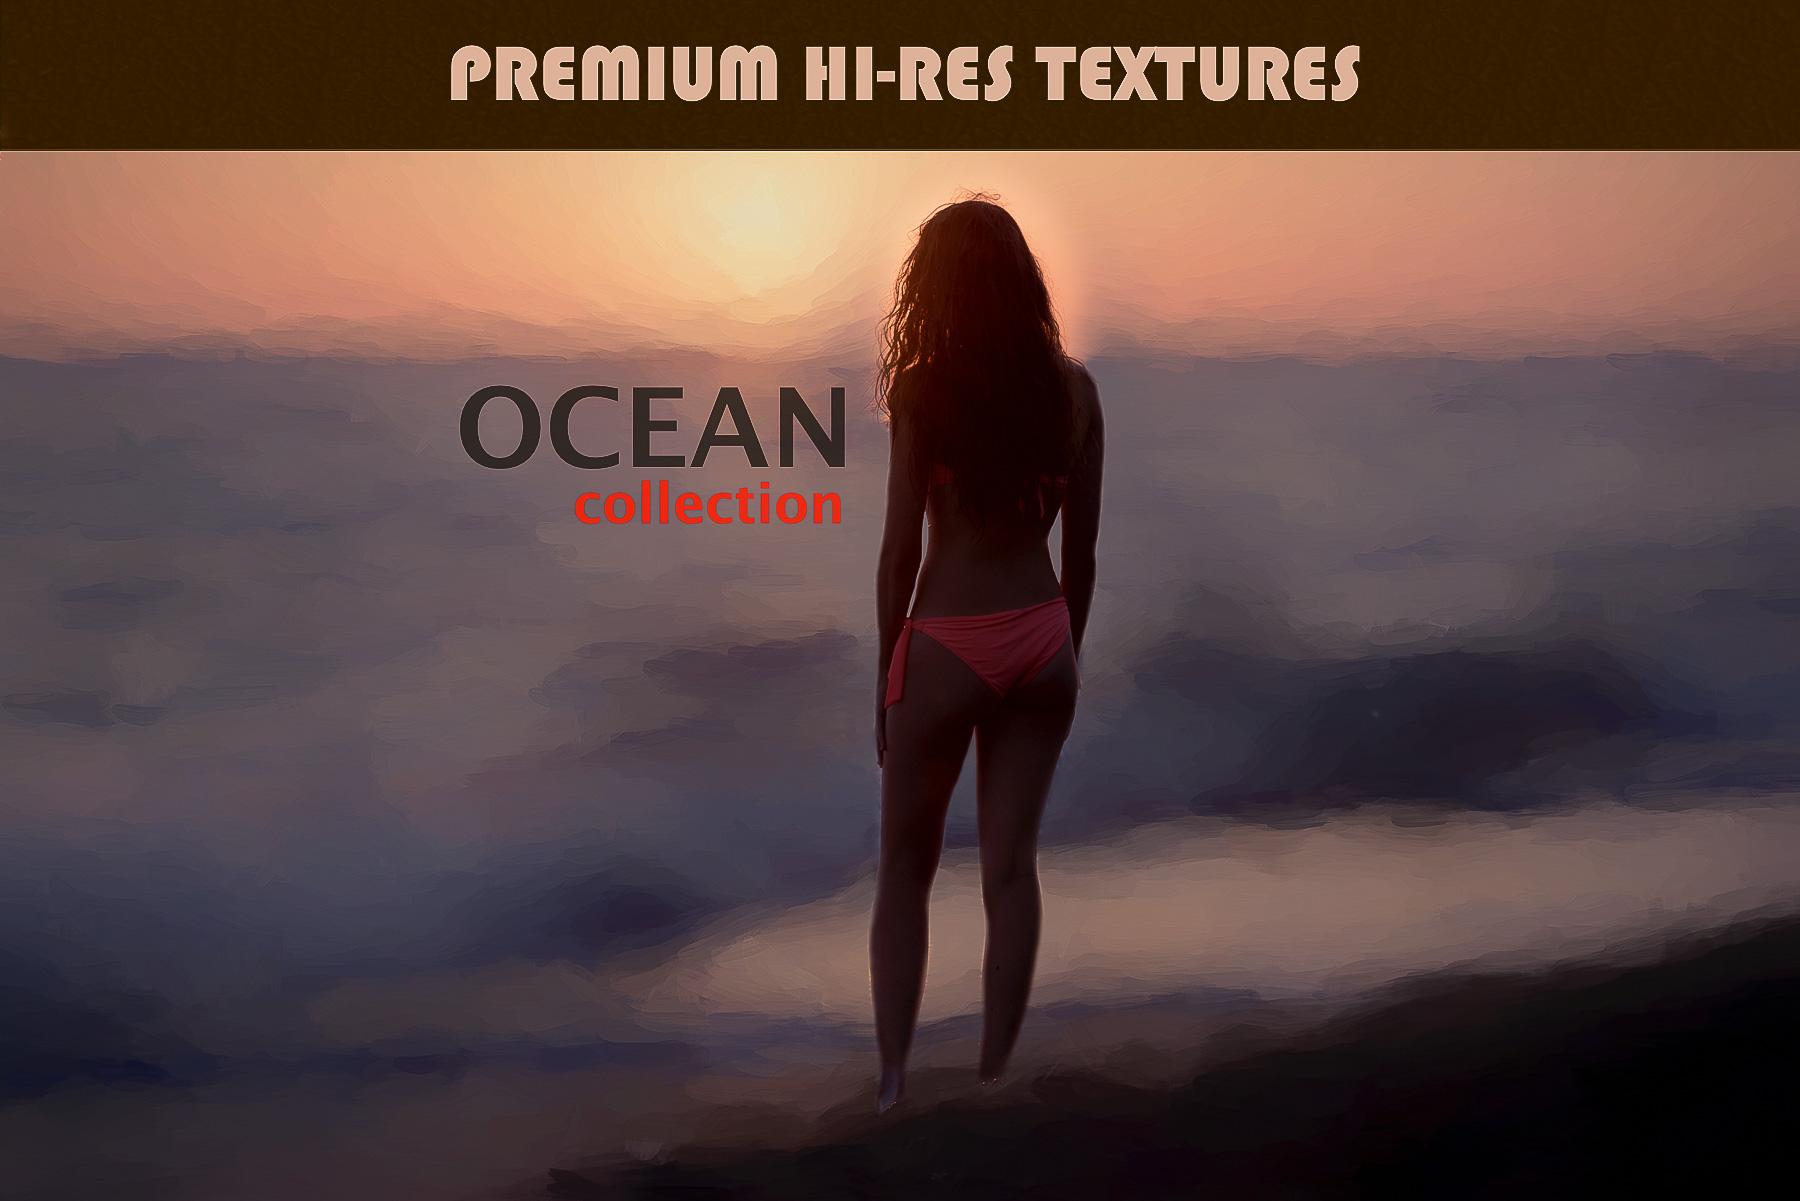 Premium HI-RES Sea Ocean ART Textures